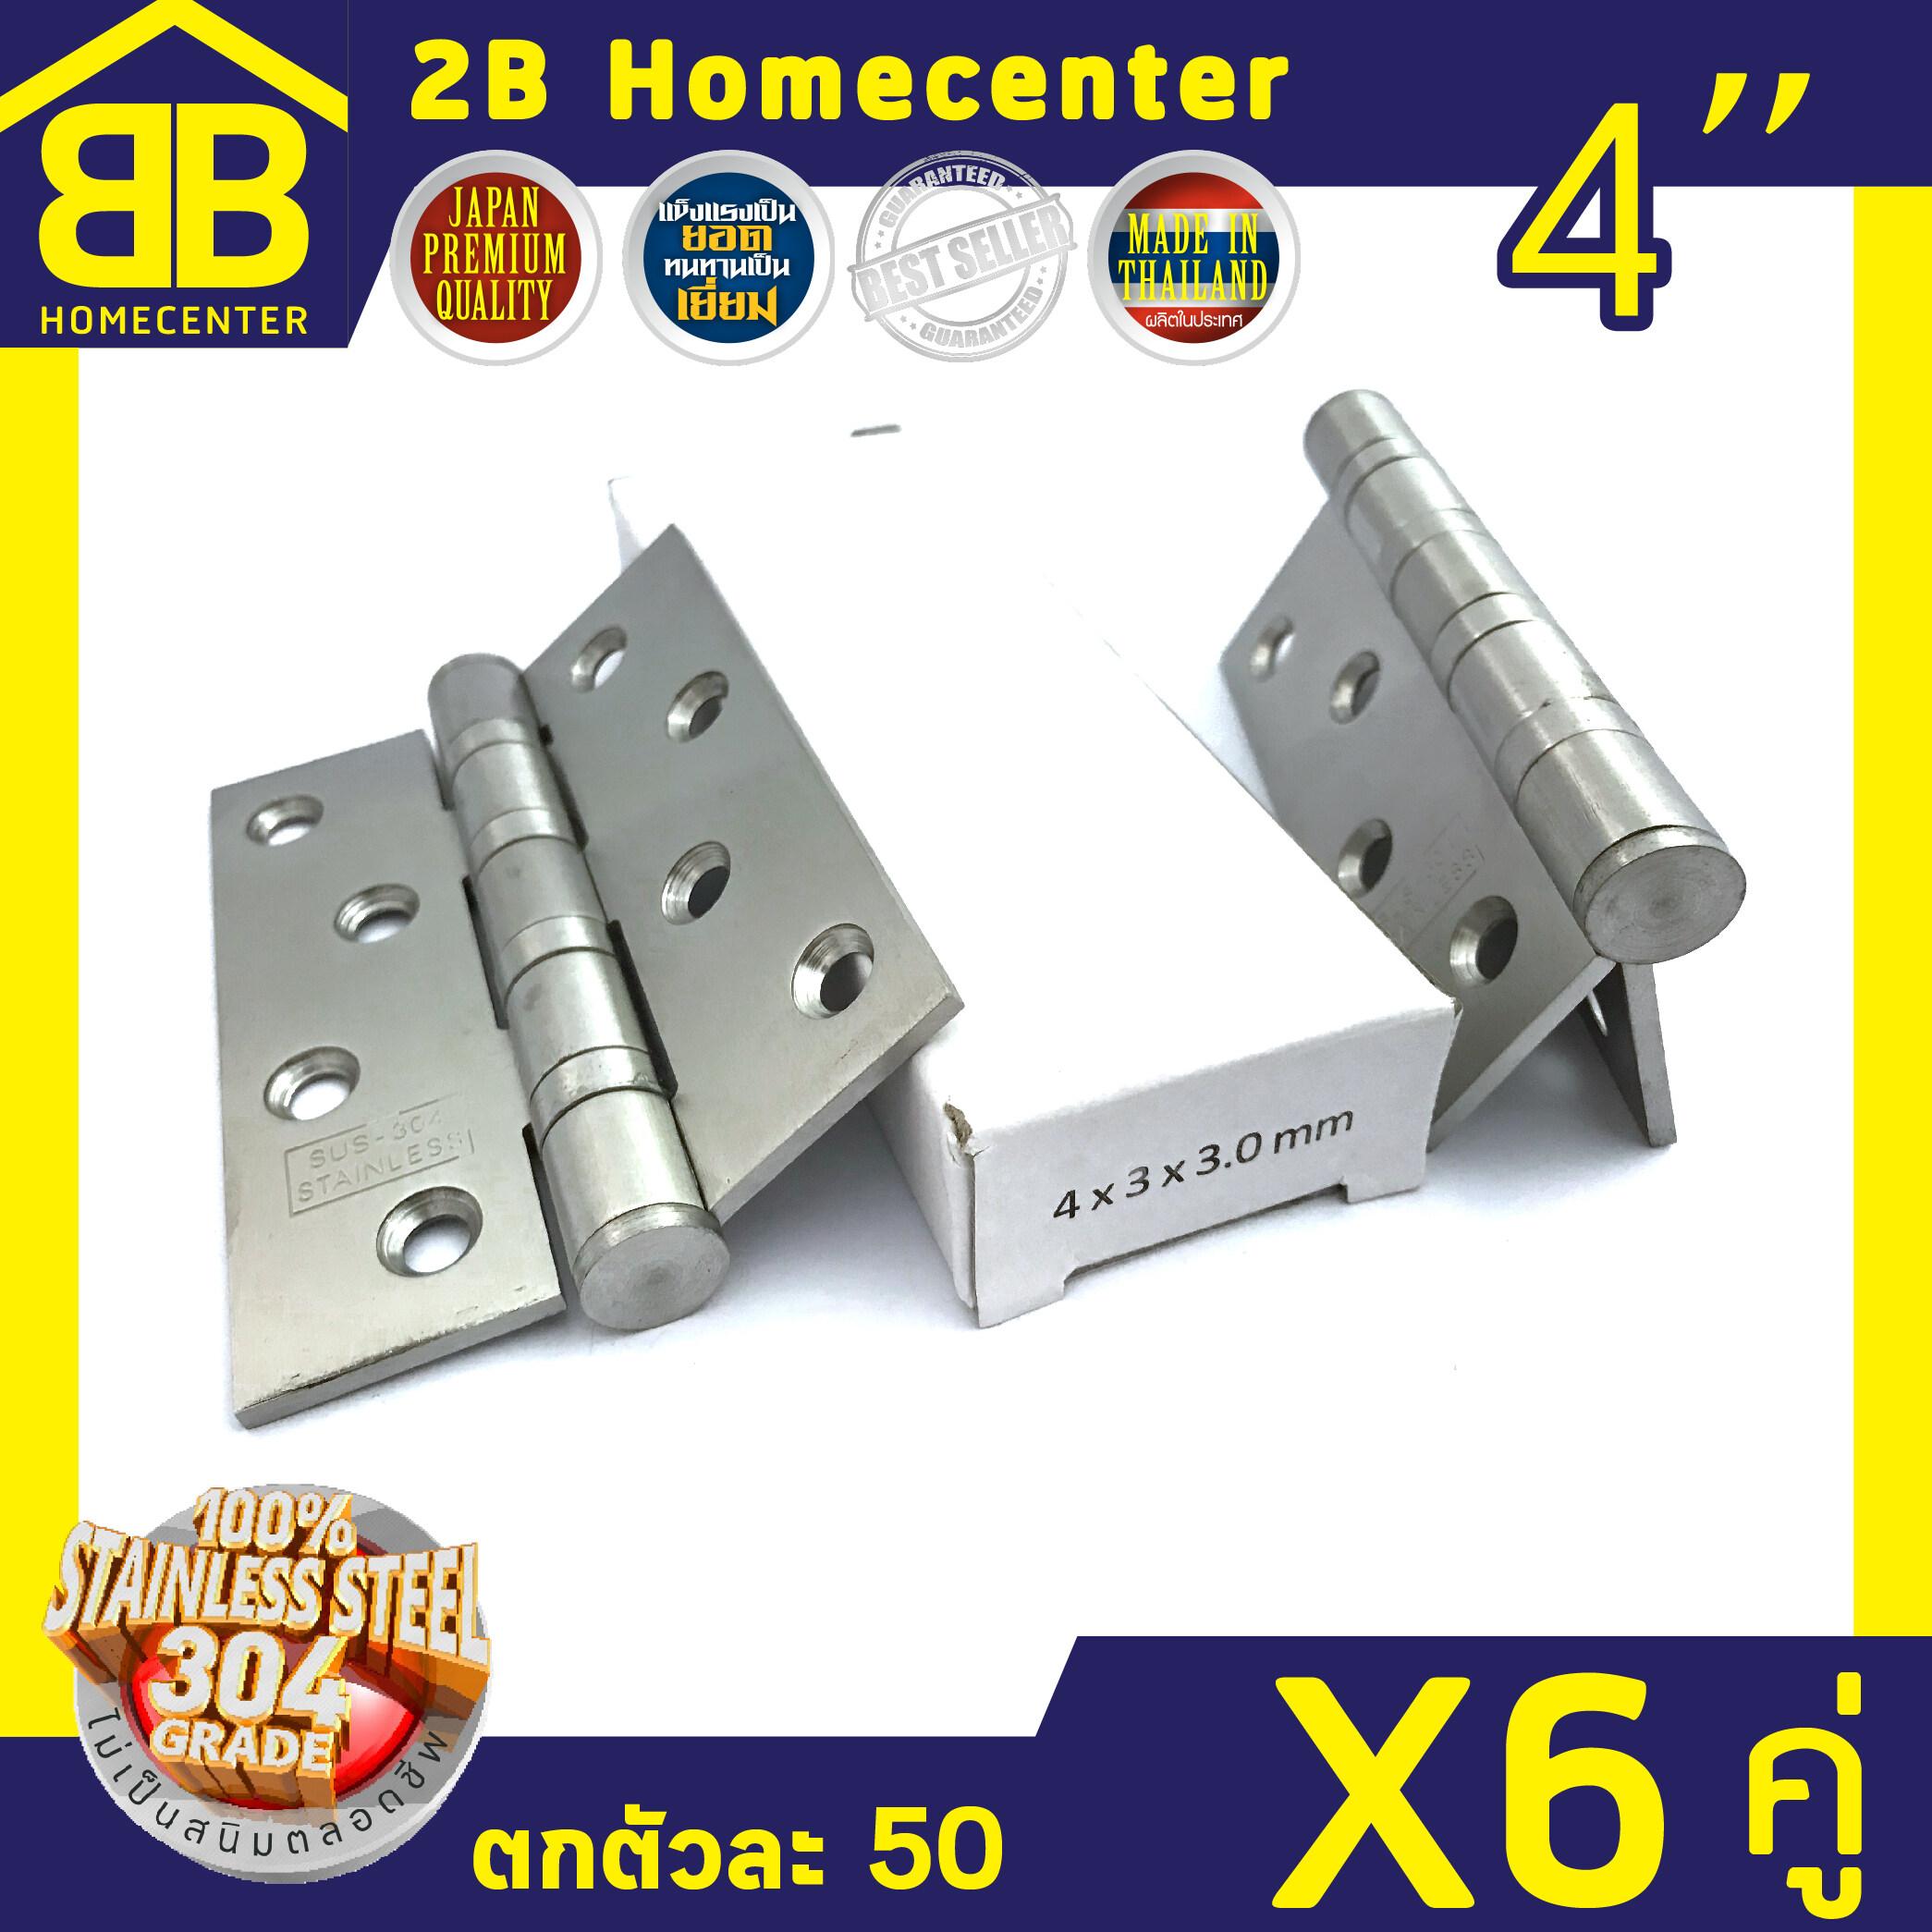 """บานพับแหวนใหญ่แกนใหญ่ บานพับประตูหน้าต่าง สแตนเลสแท้ 2bhomecenter No.919-4""""x3""""-3mm Ss (hefele Spec) X6คู่."""